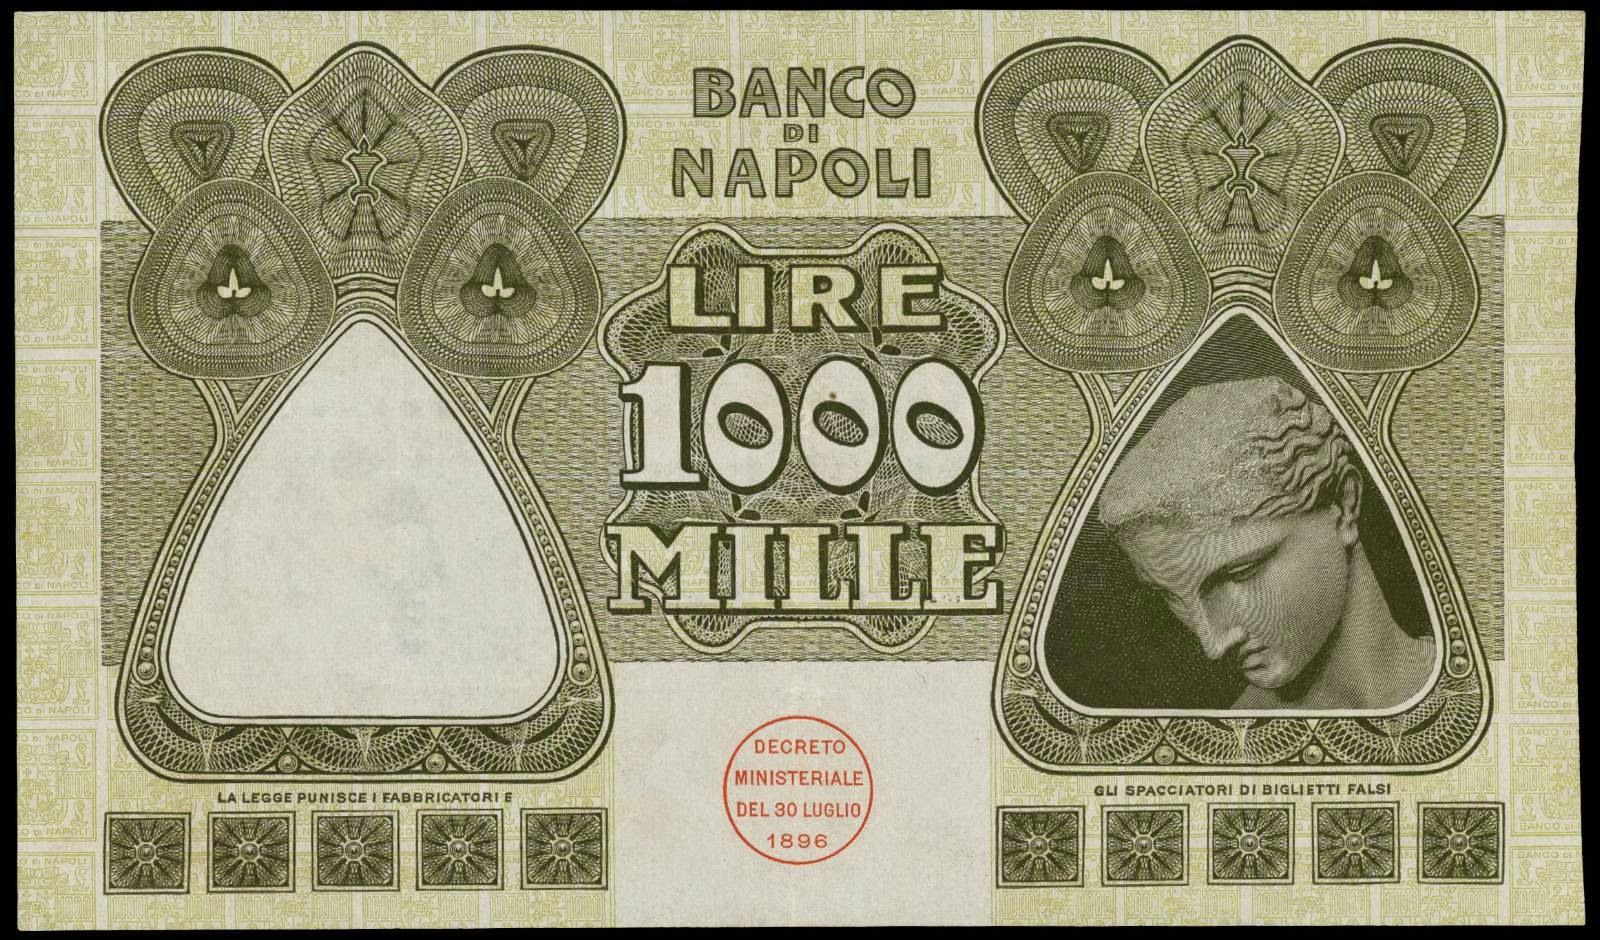 Italy paper money 1000 Lire banknote 1909 Banco di Napoli